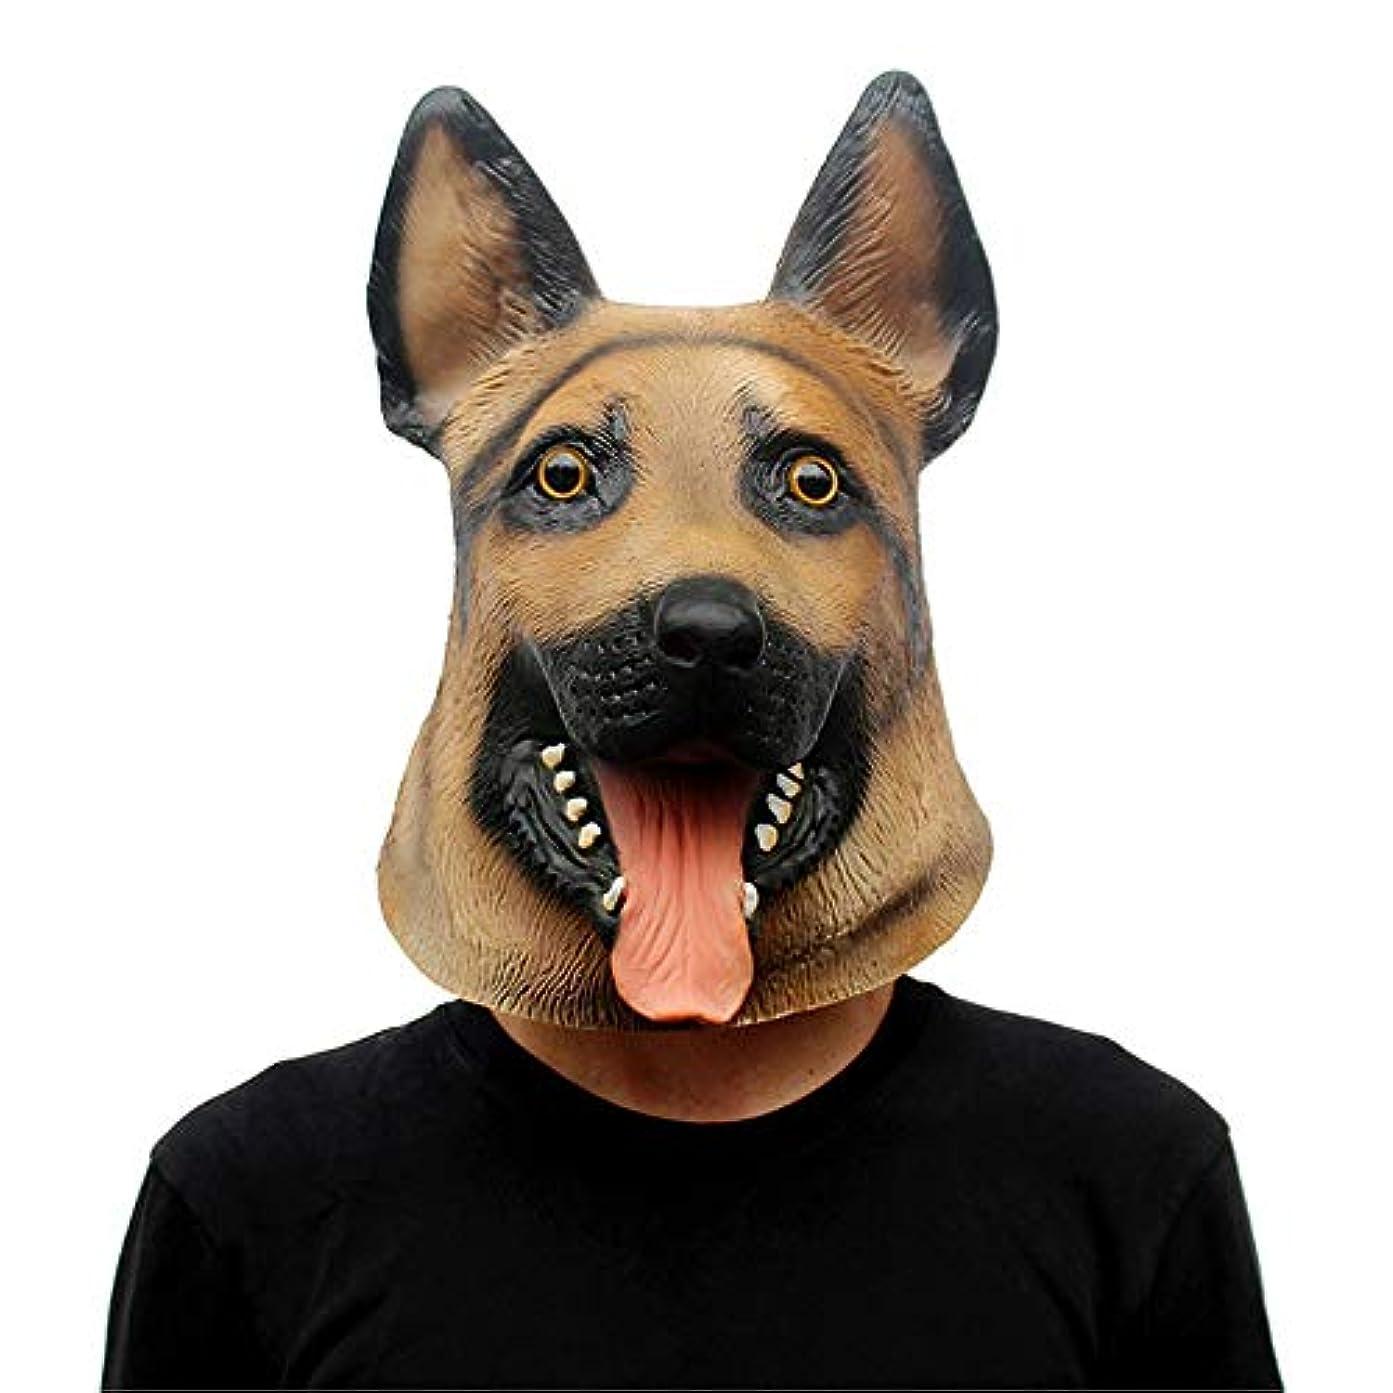 愚かな記事モスク柴犬マスクラテックスマスクハロウィンコスプレ小道具犬ヘッドマスク